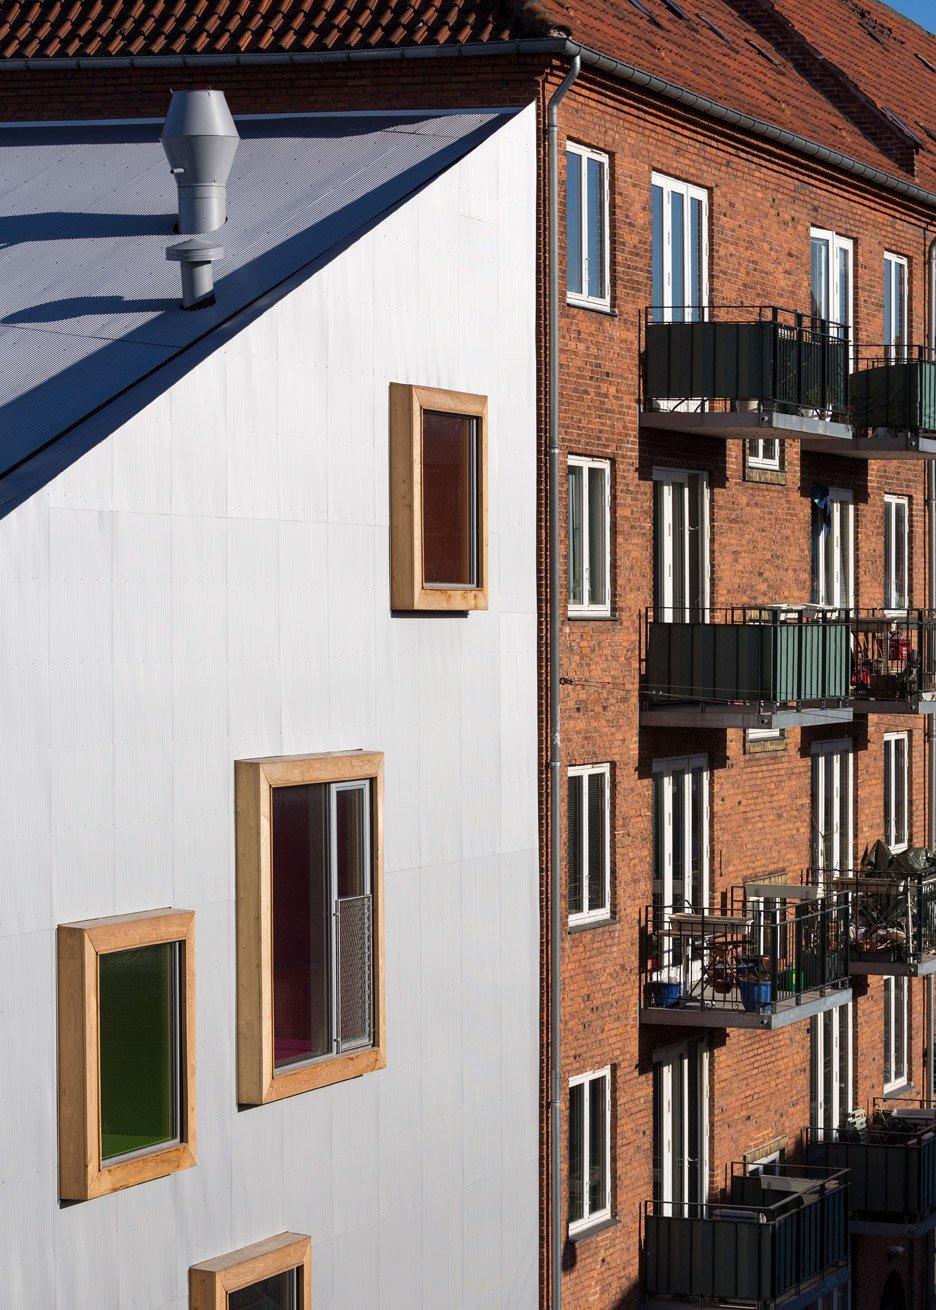 Lạ lẫm với nhà hình chữ L góc cạnh nhiều cửa sổ